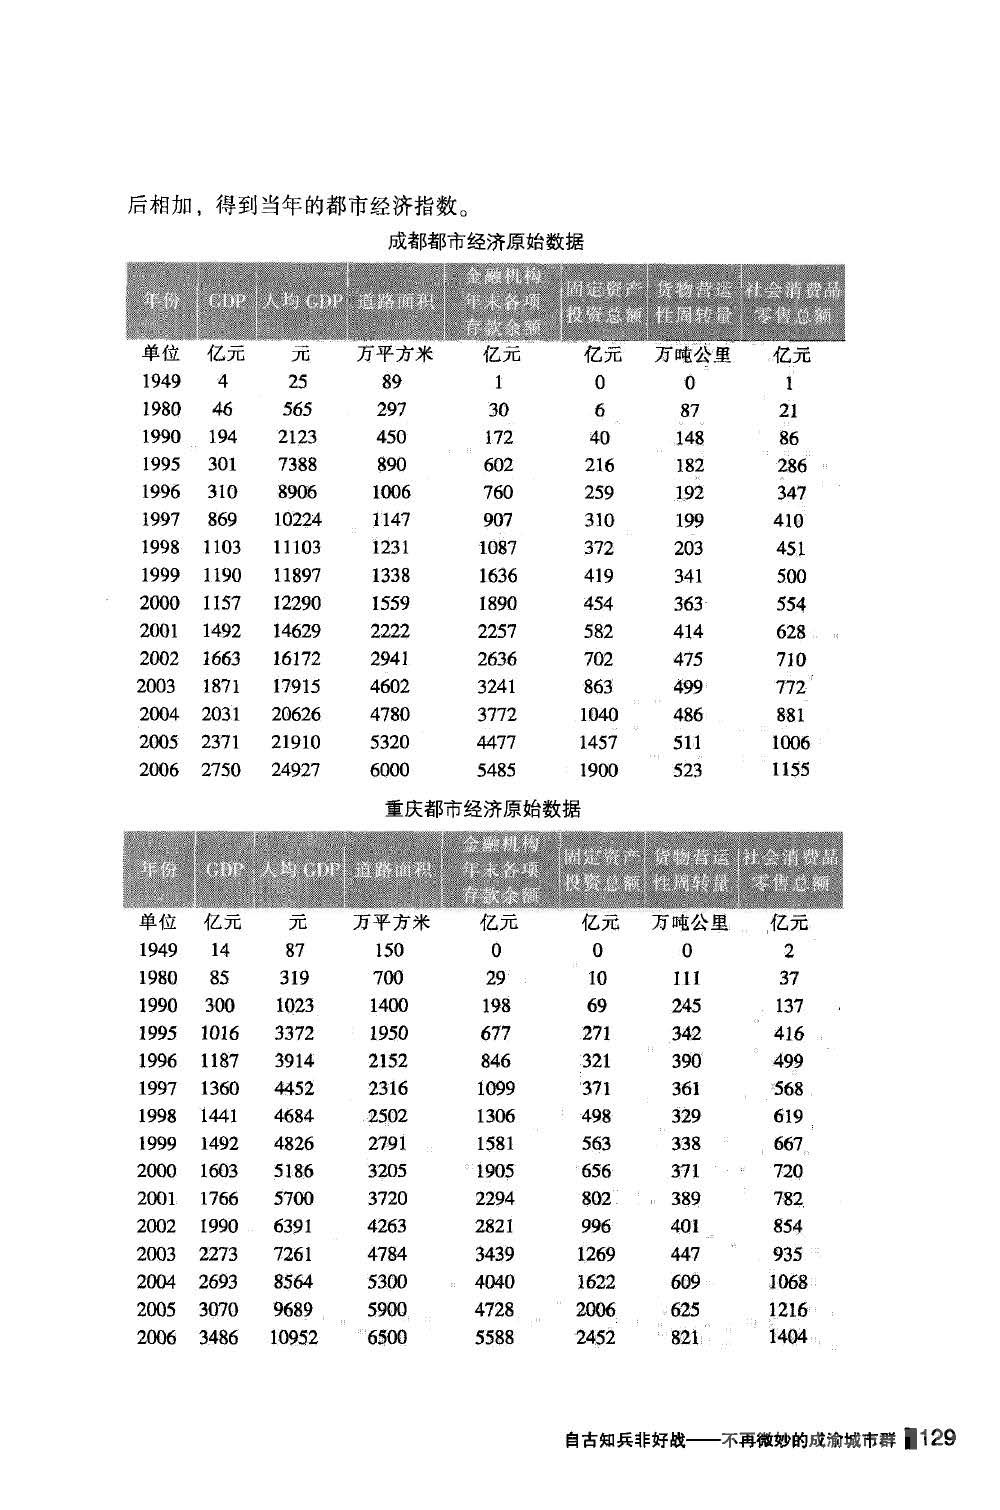 111-160_页面_19.jpg